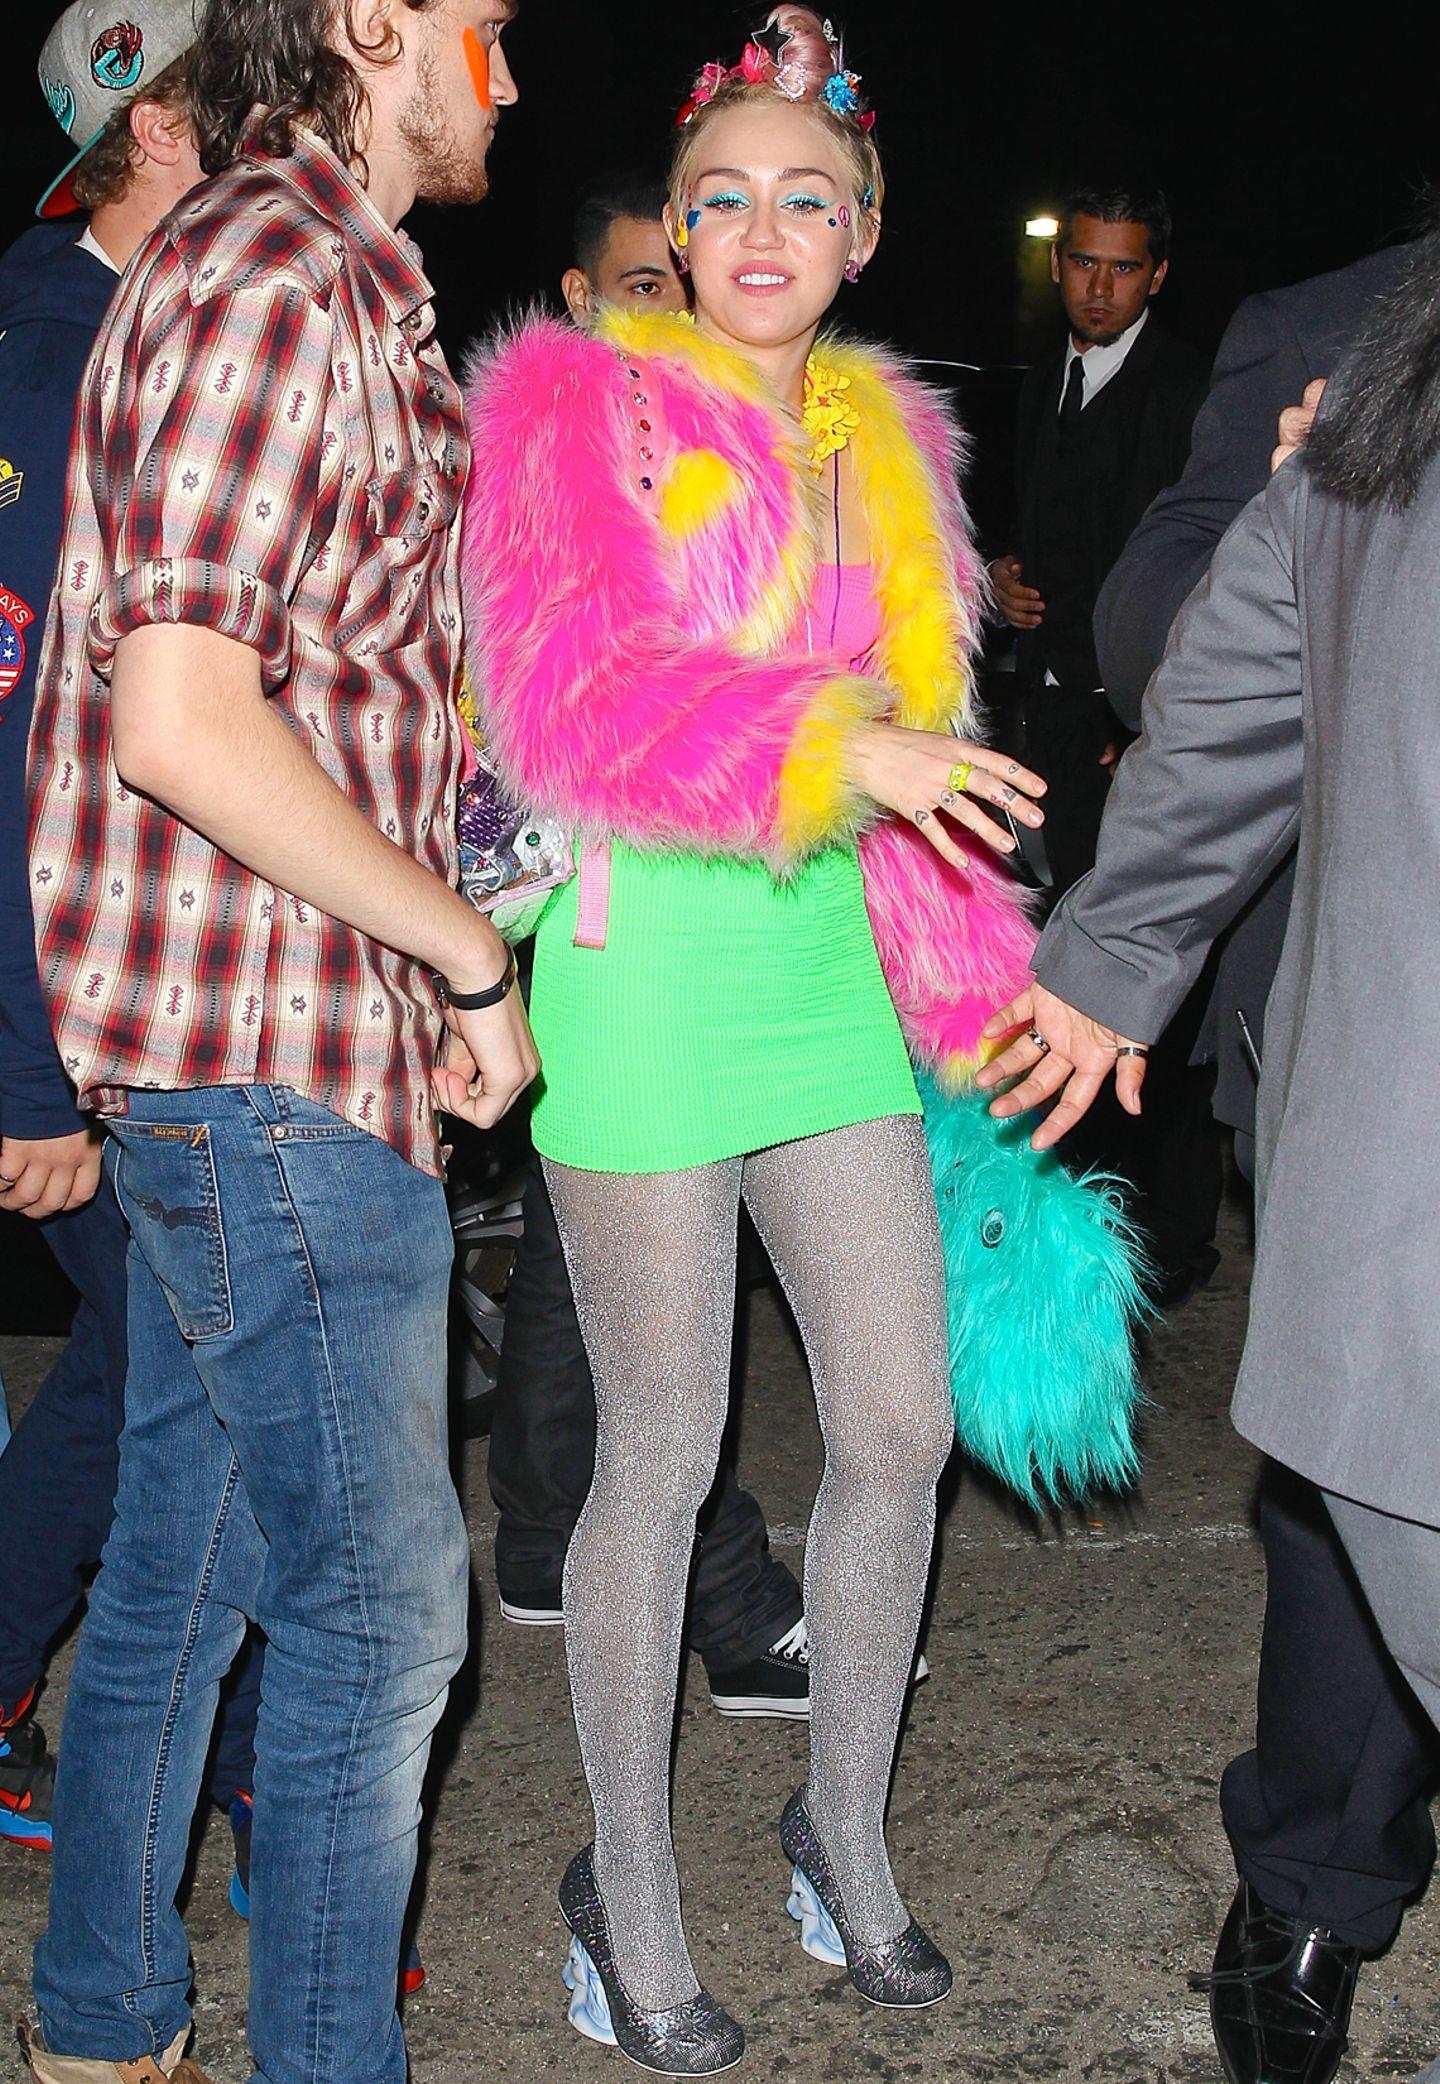 """Damit keiner ihrer Gäste sie auf ihrer Party zum 22. Geburtstag verfehlen kann, hat sich Miley Cyrus besonders schrill angezogen. Frei nach dem Motto """"Hauptsache Neon und Glitzer"""" kombiniert die Sängerin eine bunt leuchtende Fake-Fur-Jacke zu Minirock und Metallic-Strumpfhose."""